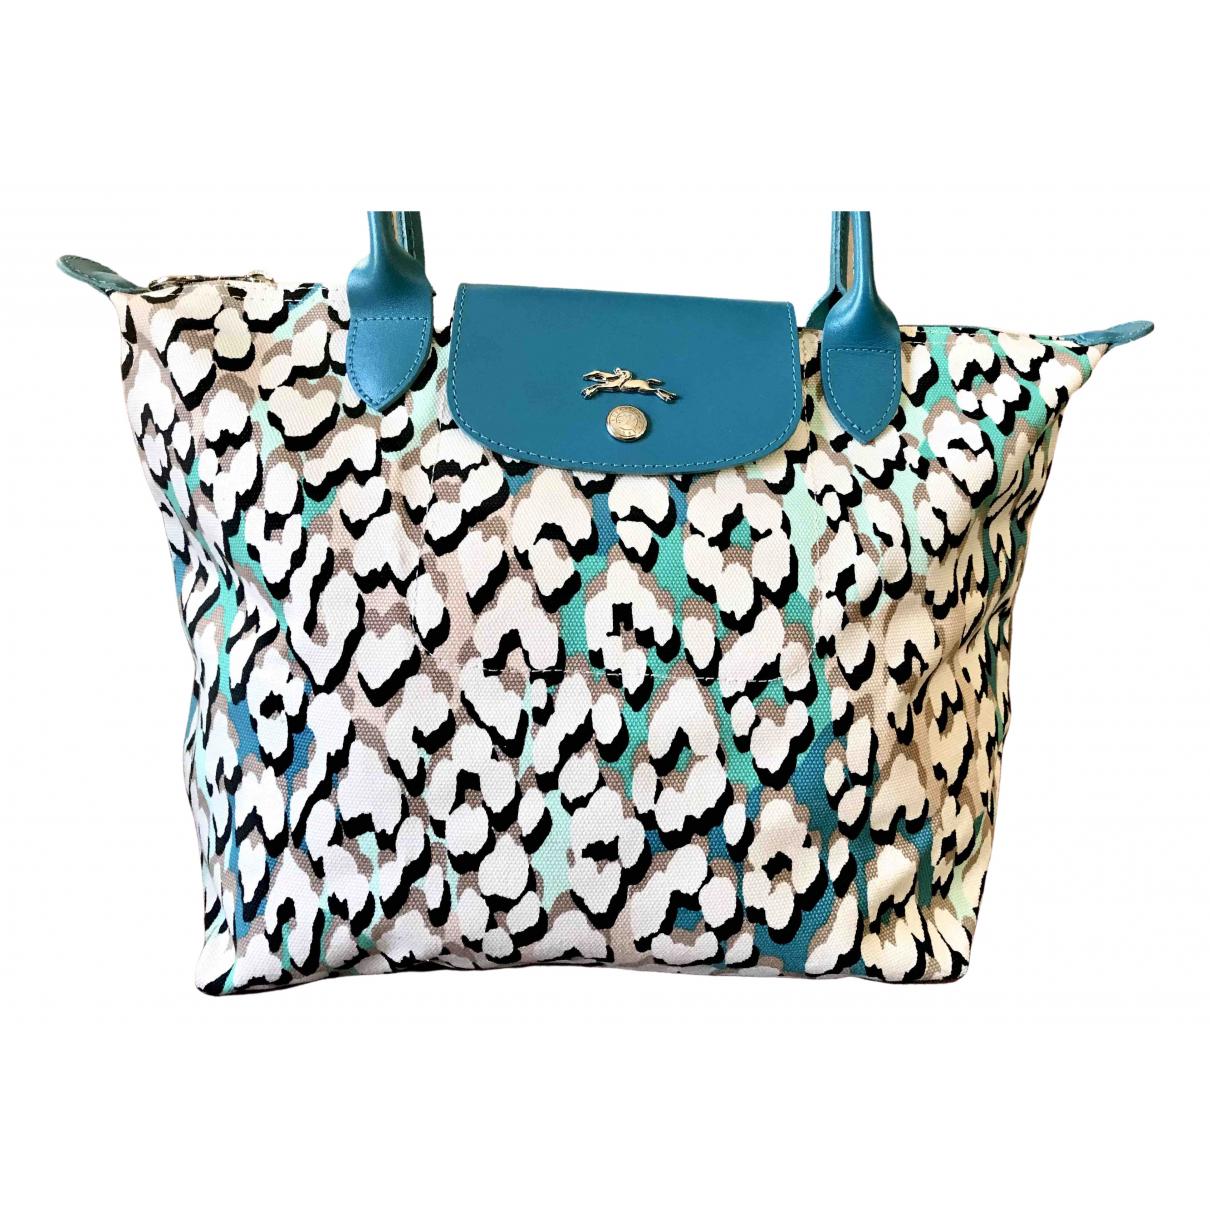 Longchamp - Sac de voyage Pliage  pour femme en toile - multicolore